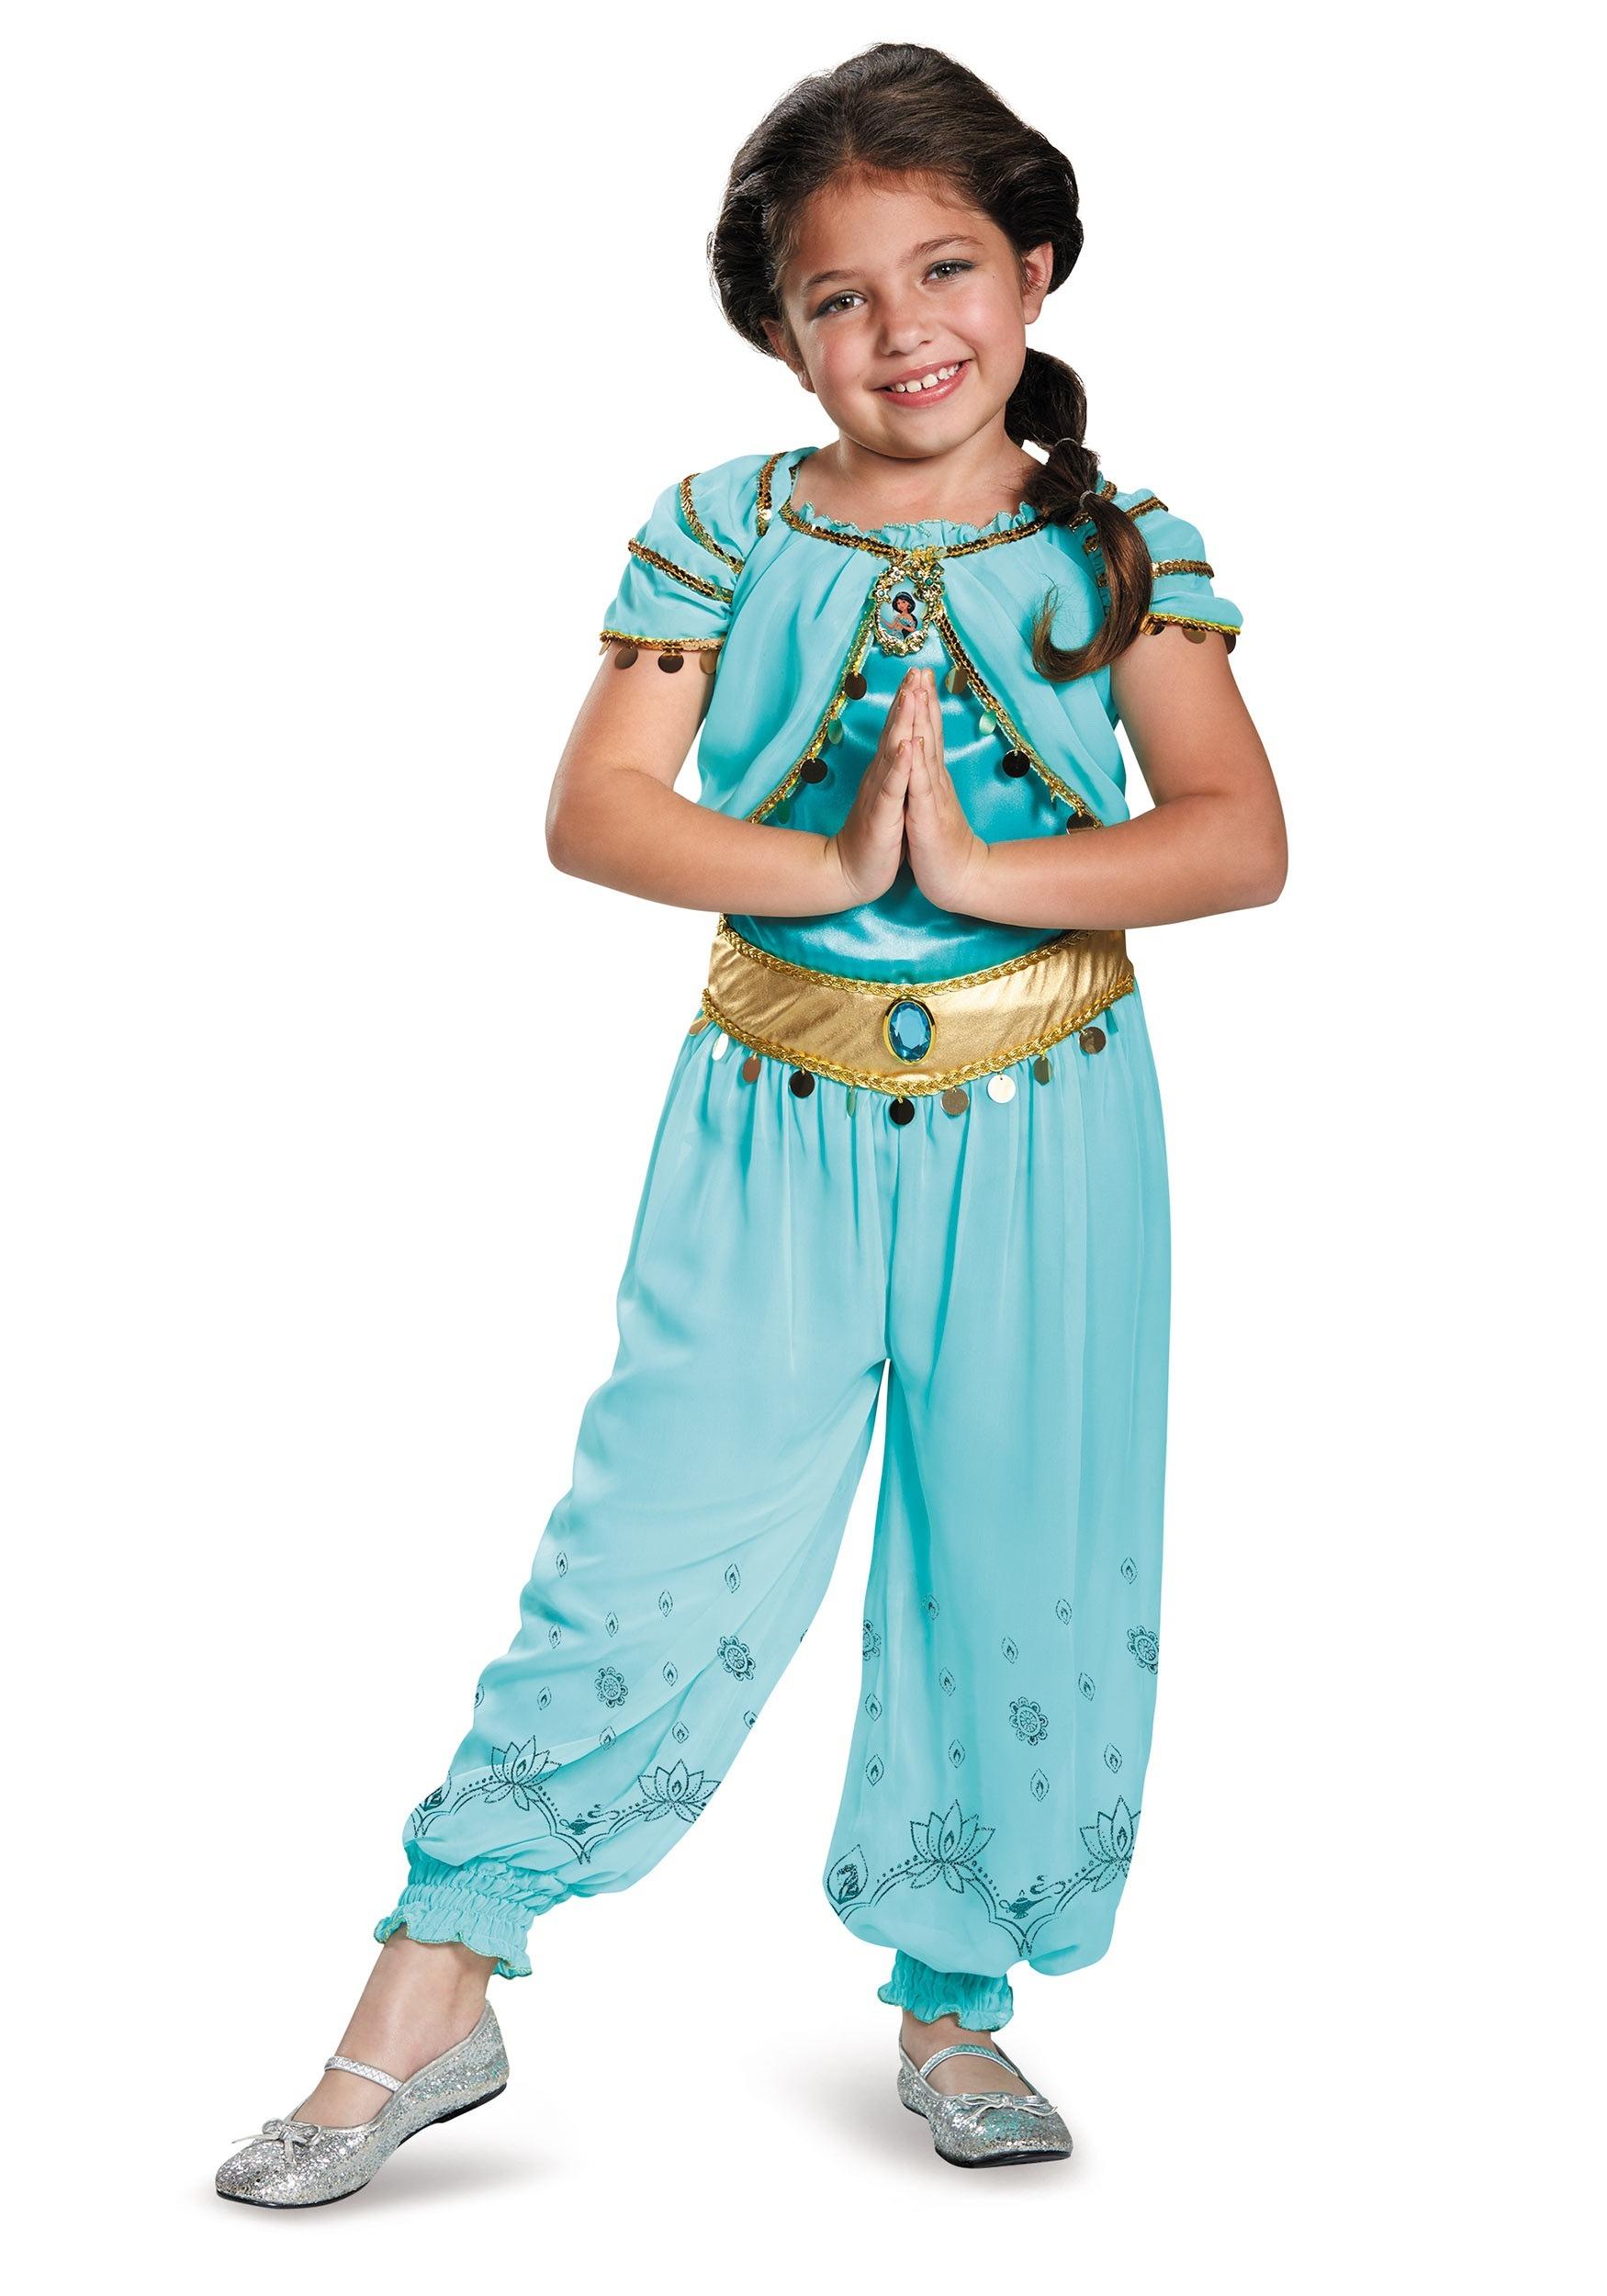 Child Jasmine Prestige Costume  sc 1 st  Fun.com & Jasmine Prestige Child Costume